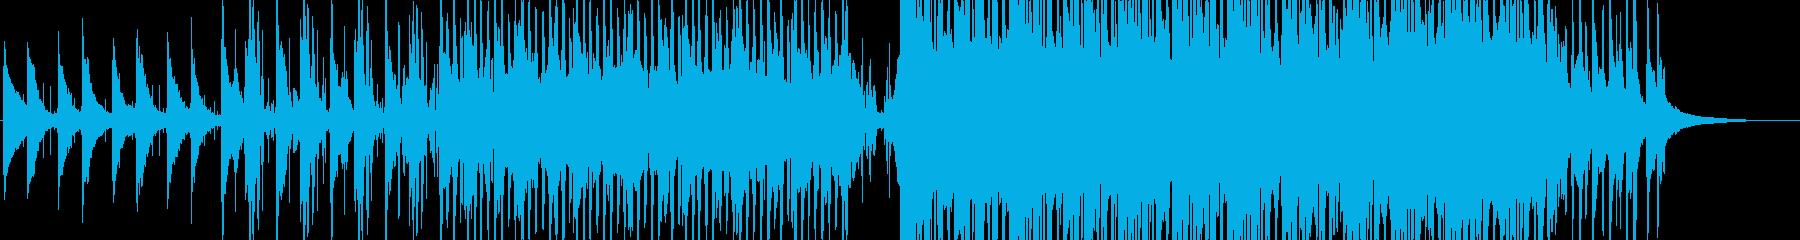 アンビエントな雰囲気のミニマルなピアノ曲の再生済みの波形